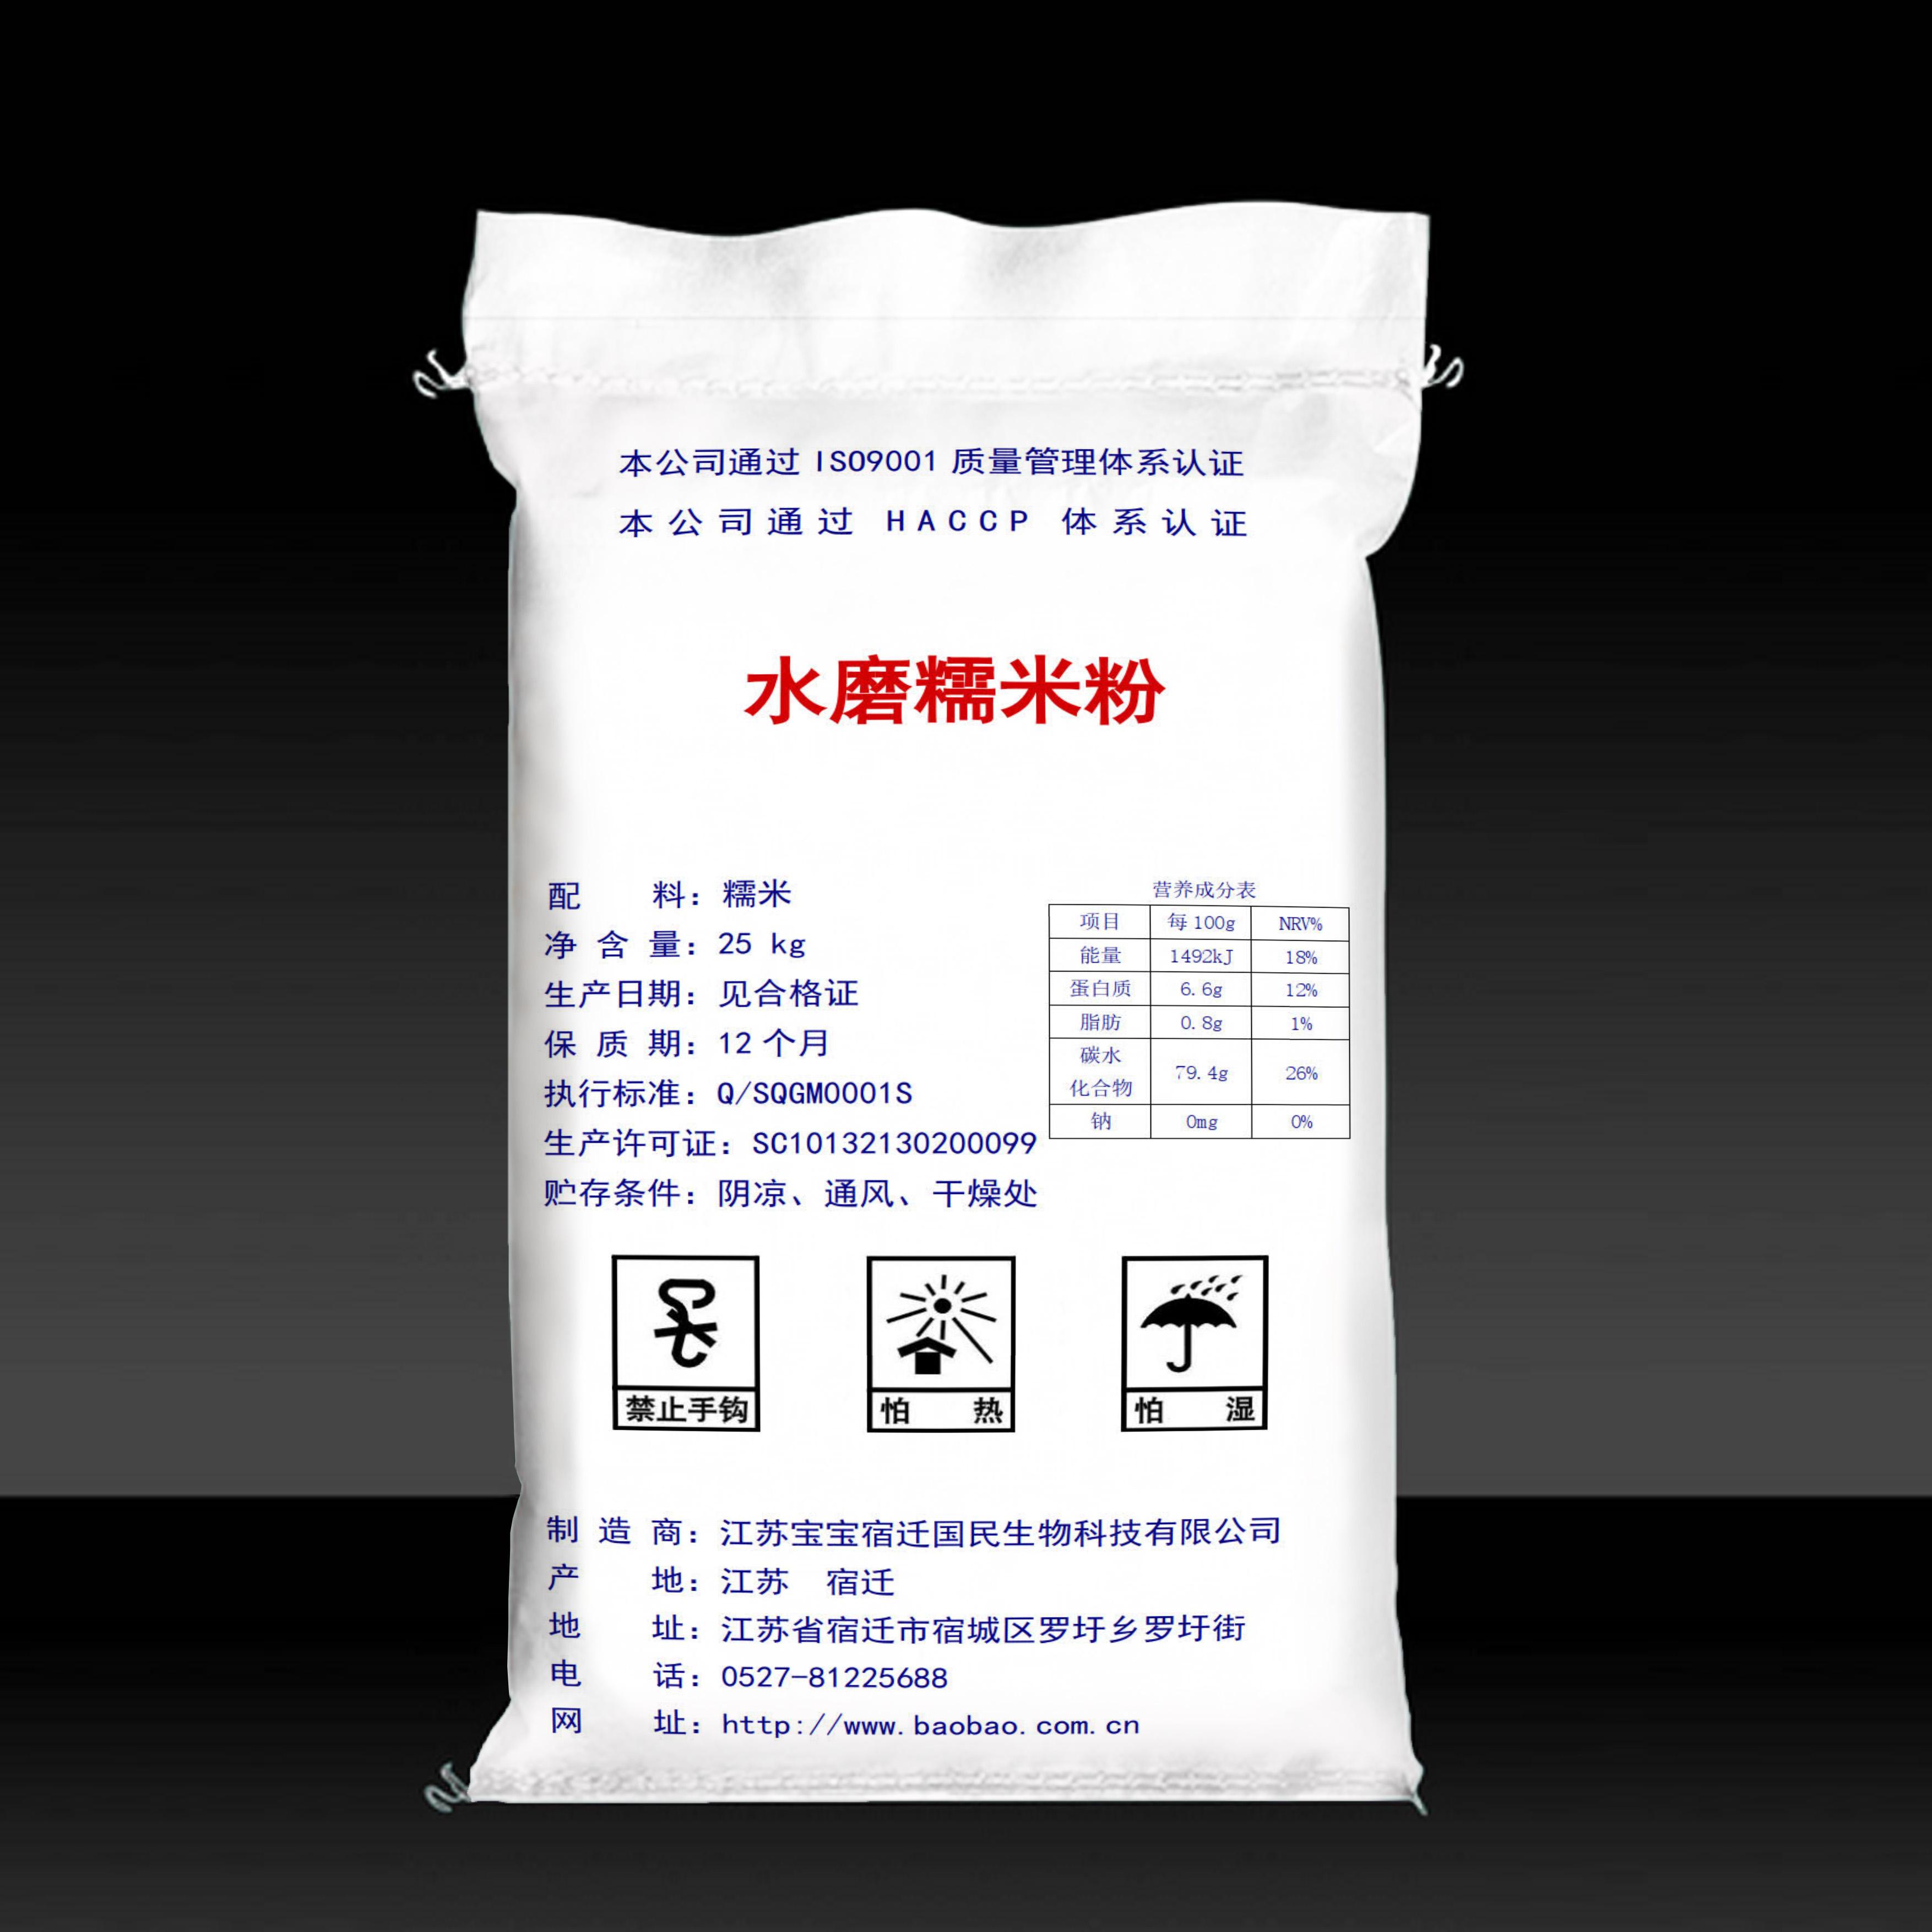 水磨糯米粉 粳糯米原料 口感更香糯柔软 可用于各类糕点食品